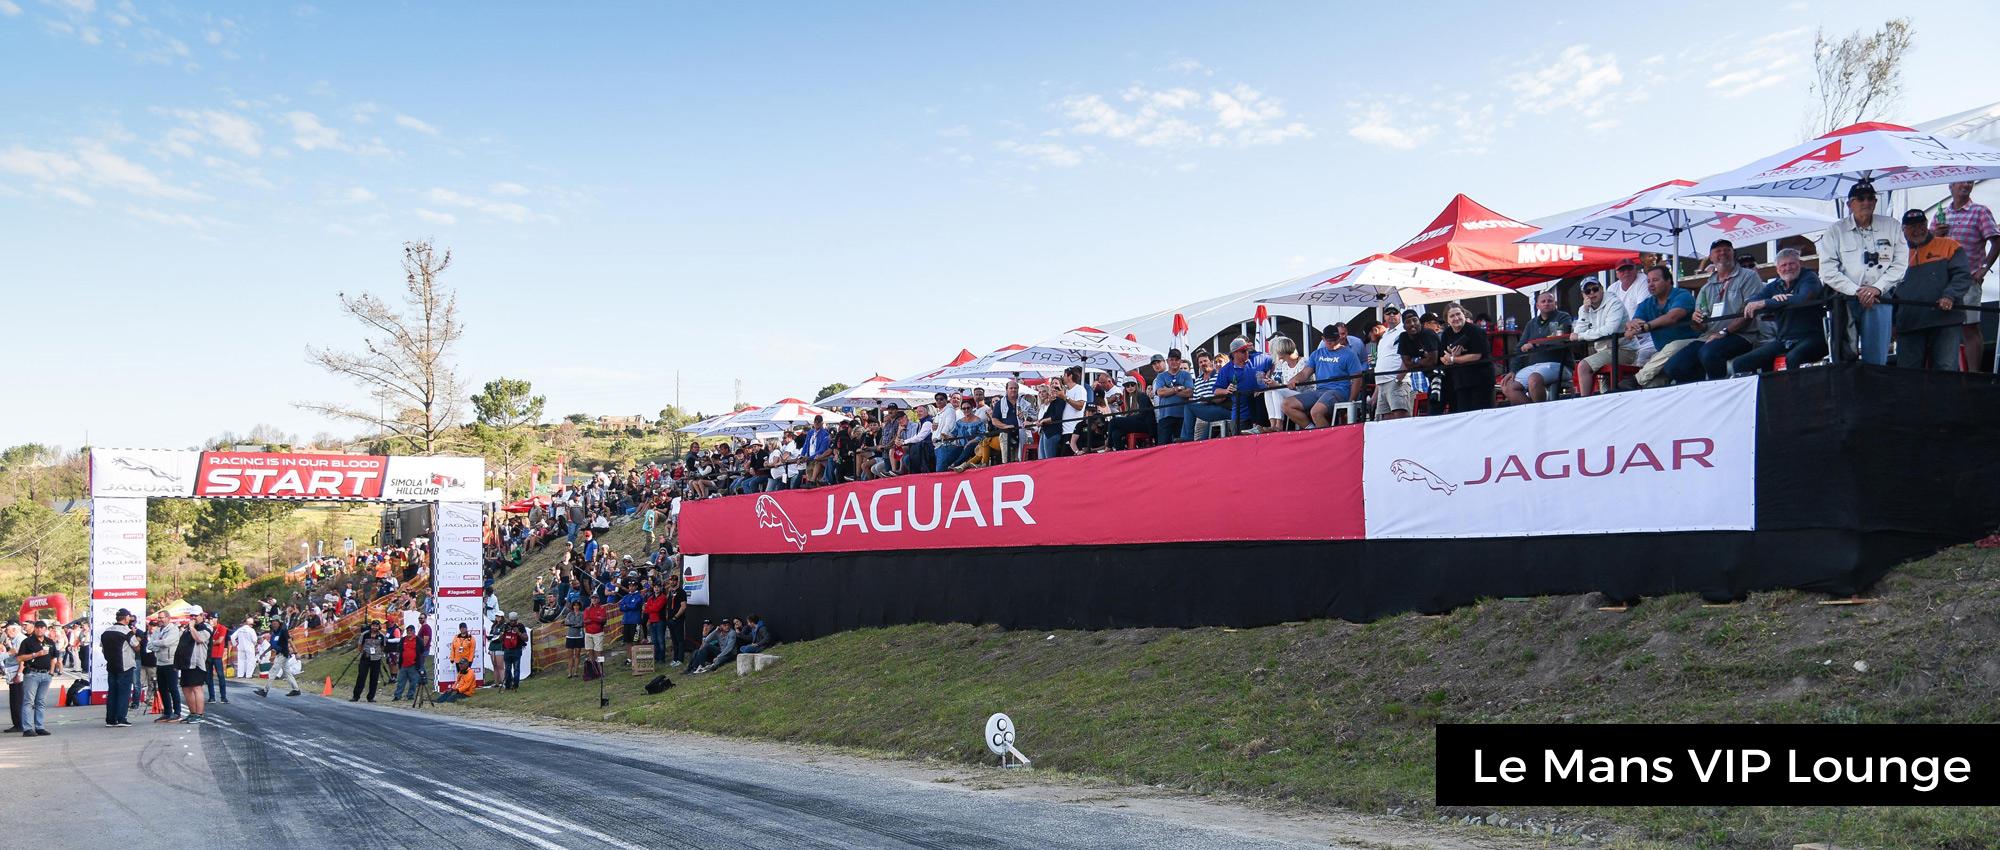 Le Mans VIP Lounge #JaguarSHC